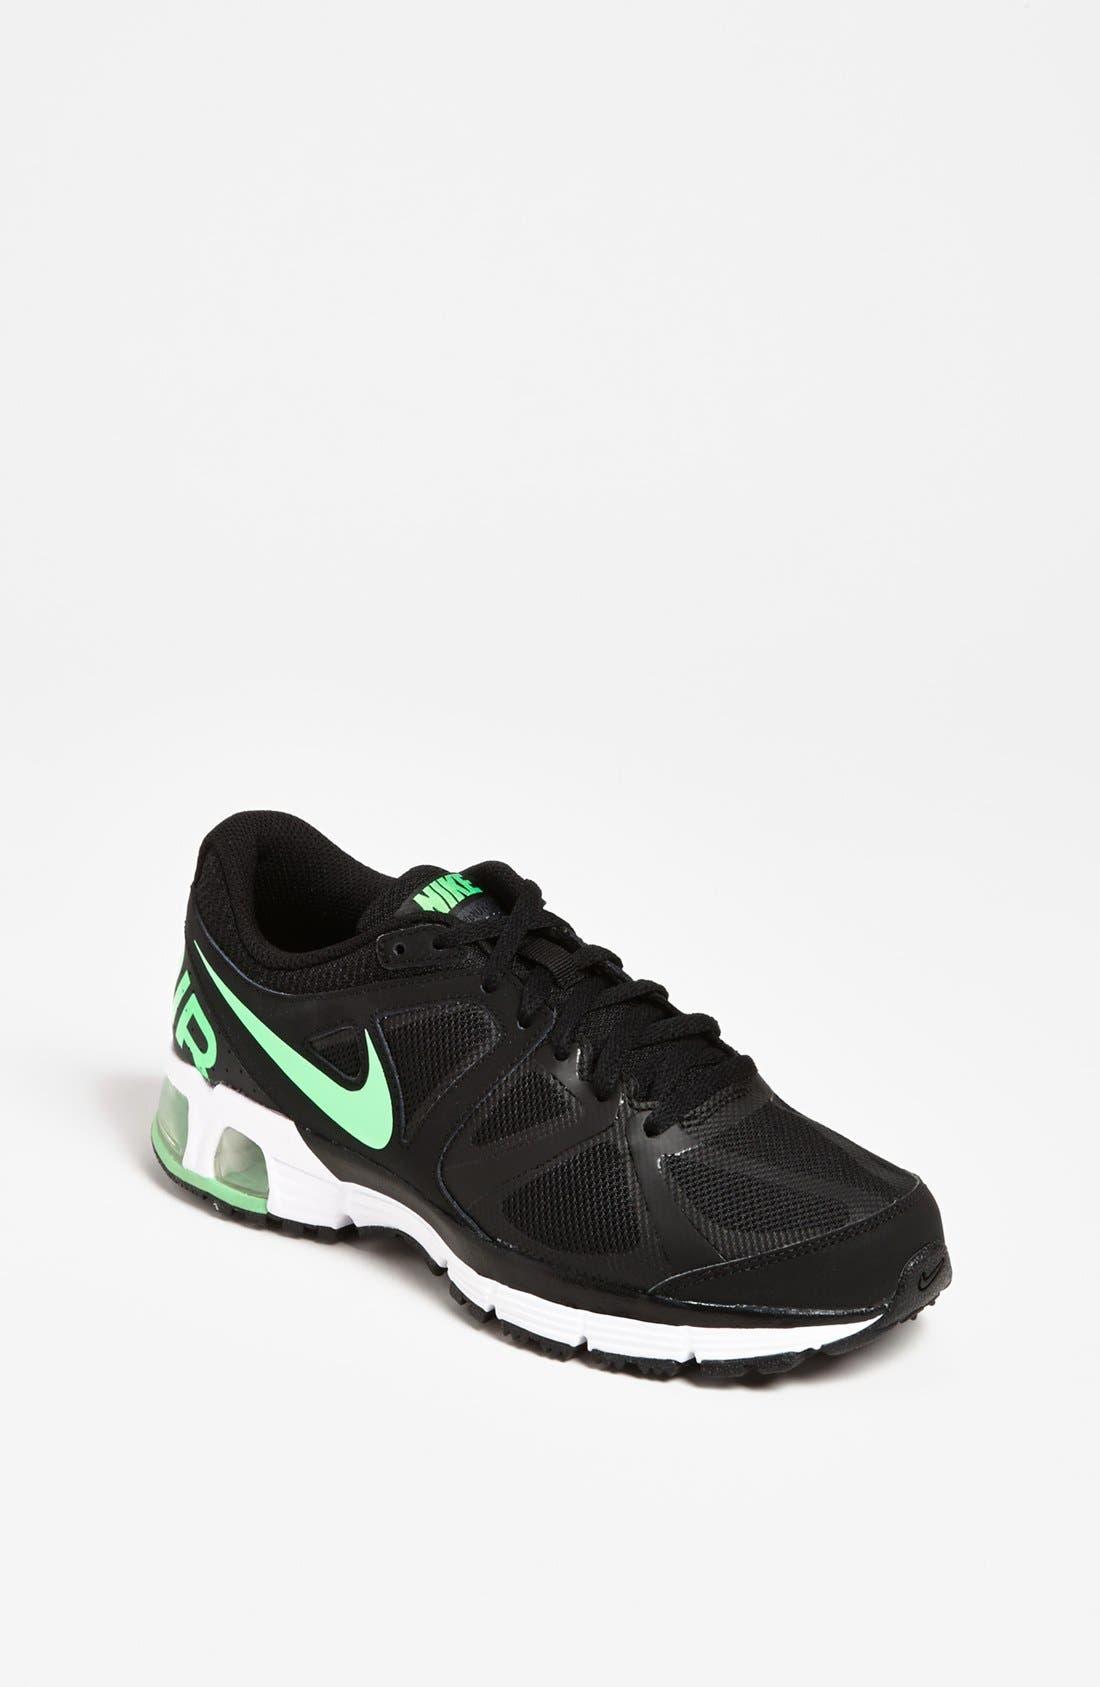 Alternate Image 1 Selected - Nike 'Air Max Run Lite 4' Athletic Shoe (Big Kid)